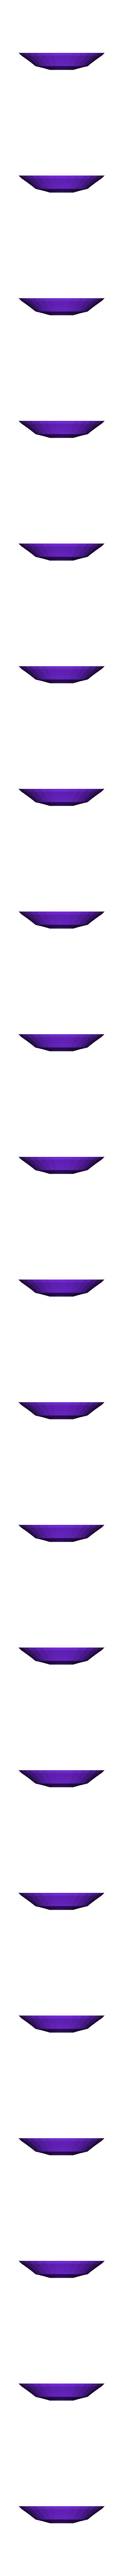 Plate.stl Télécharger fichier STL gratuit assiette • Modèle imprimable en 3D, sammy3